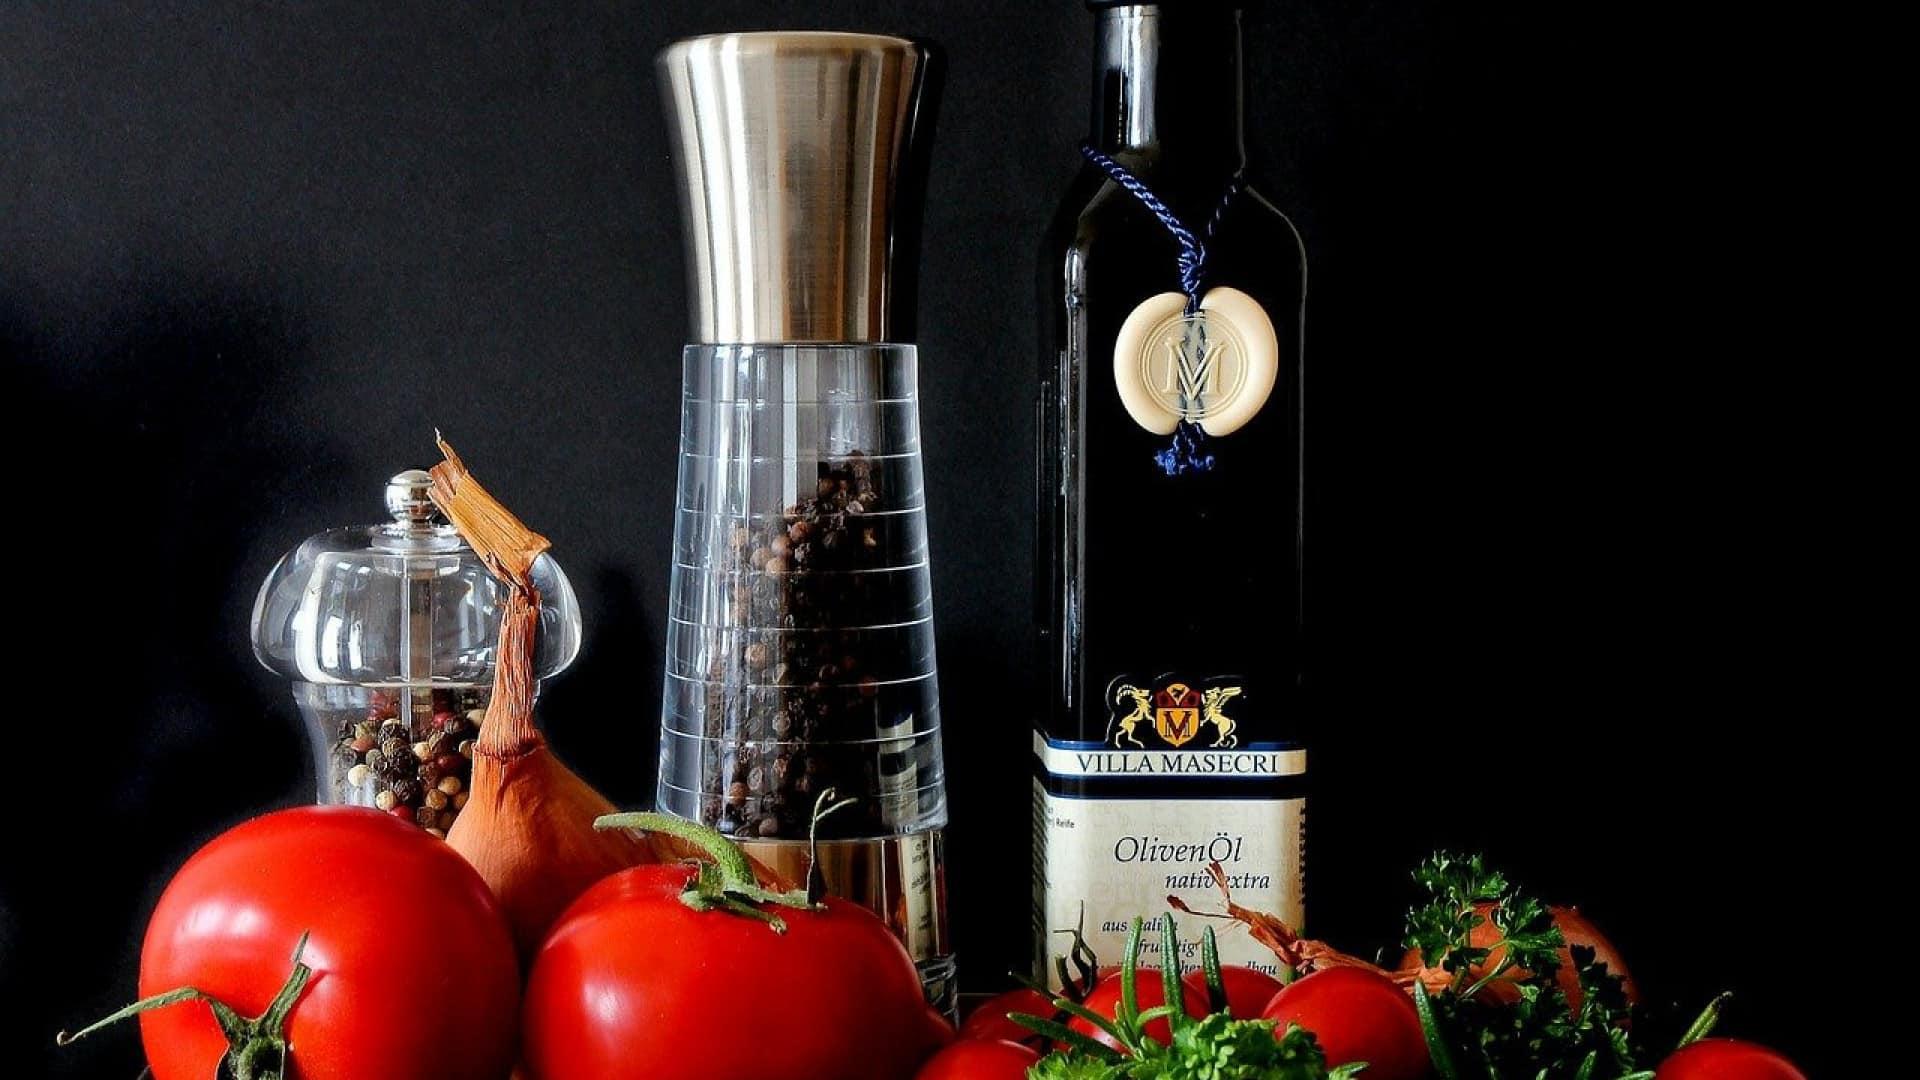 Des olives de qualité permettent d'obtenir une huile Premium